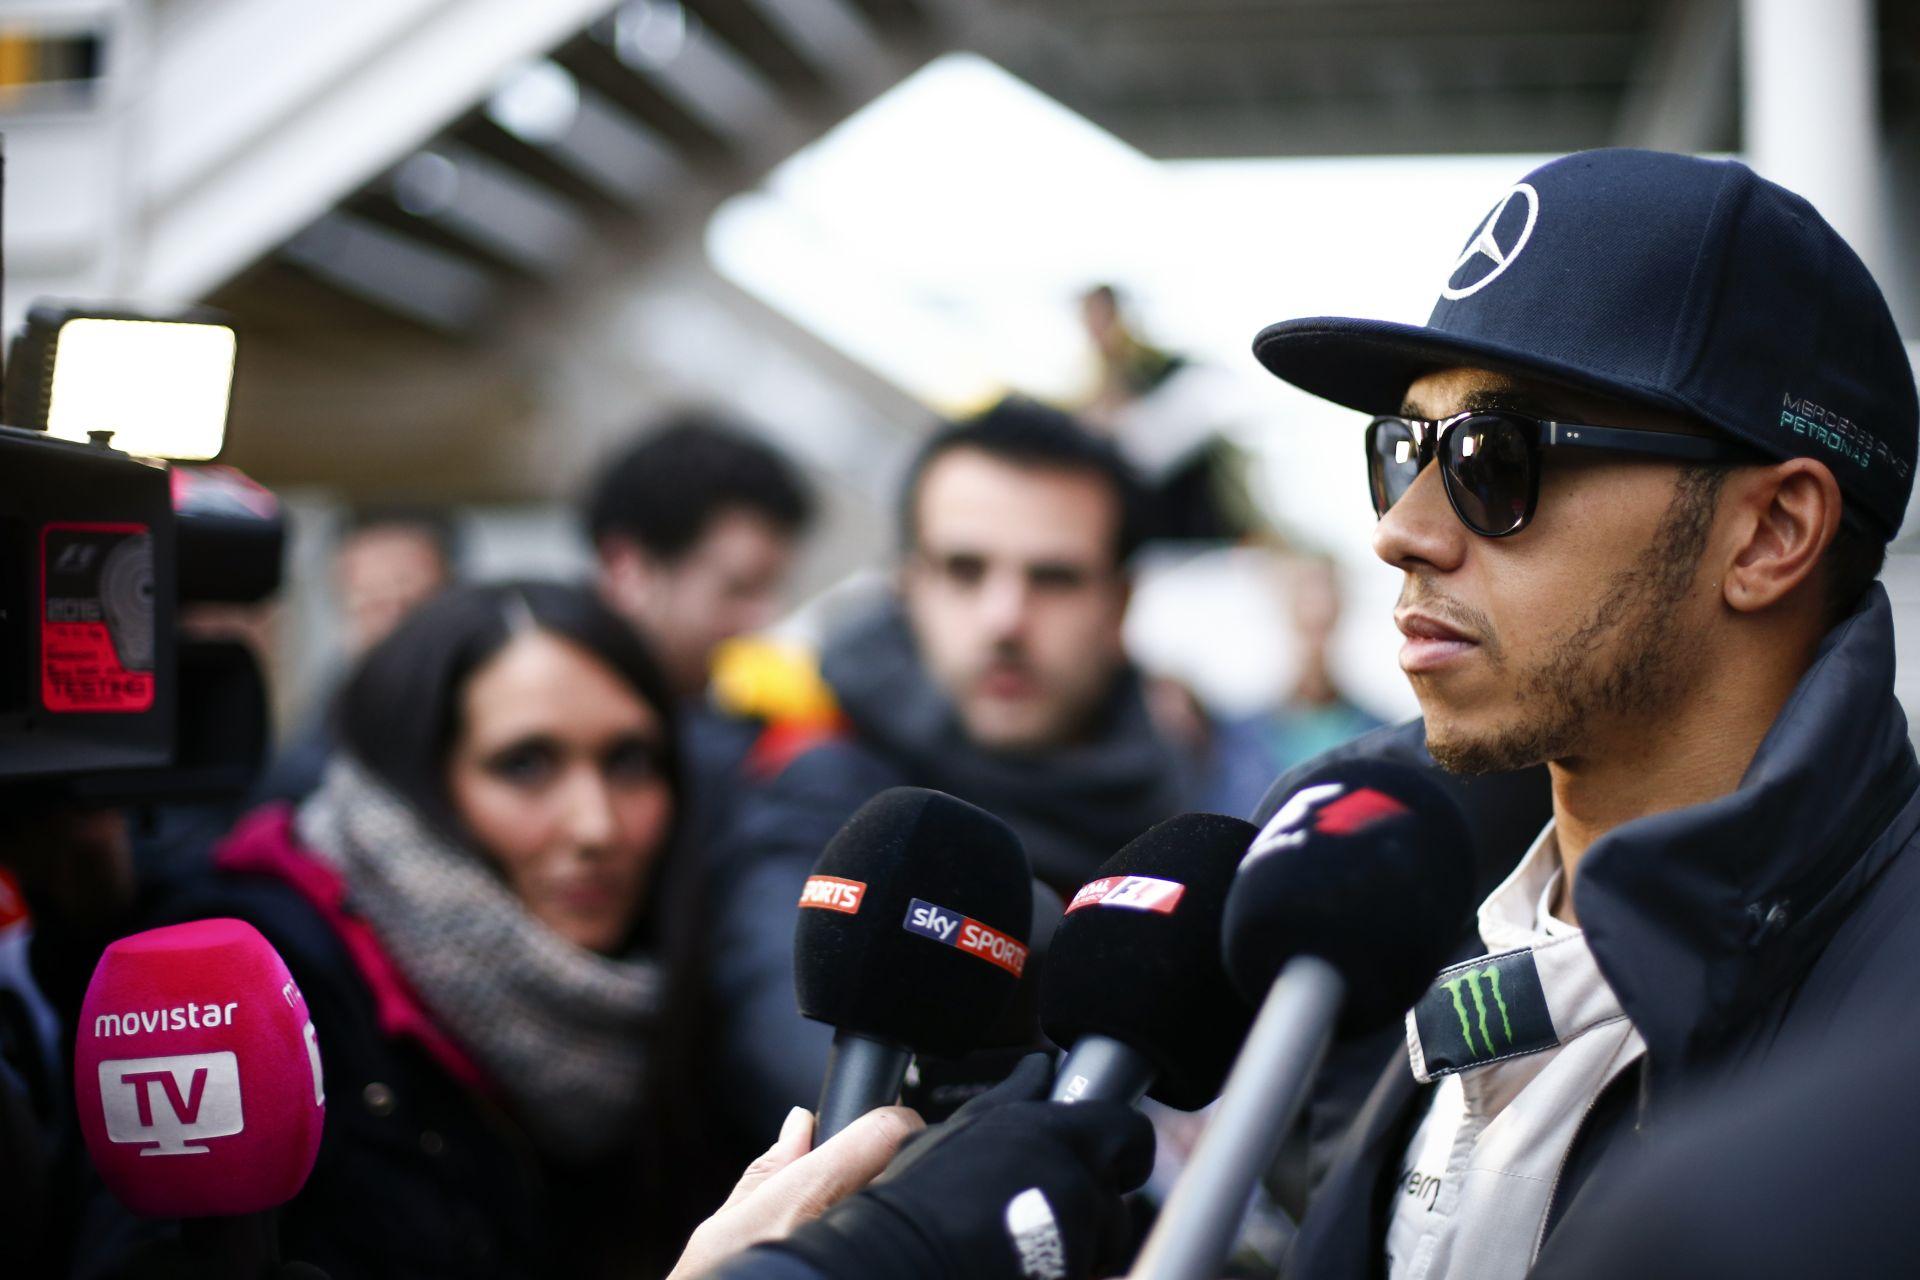 Az idei F1-hez még Palik Laci is kevés lenne? A Mercedes már Ausztráliában eldöntheti a bajnokságot